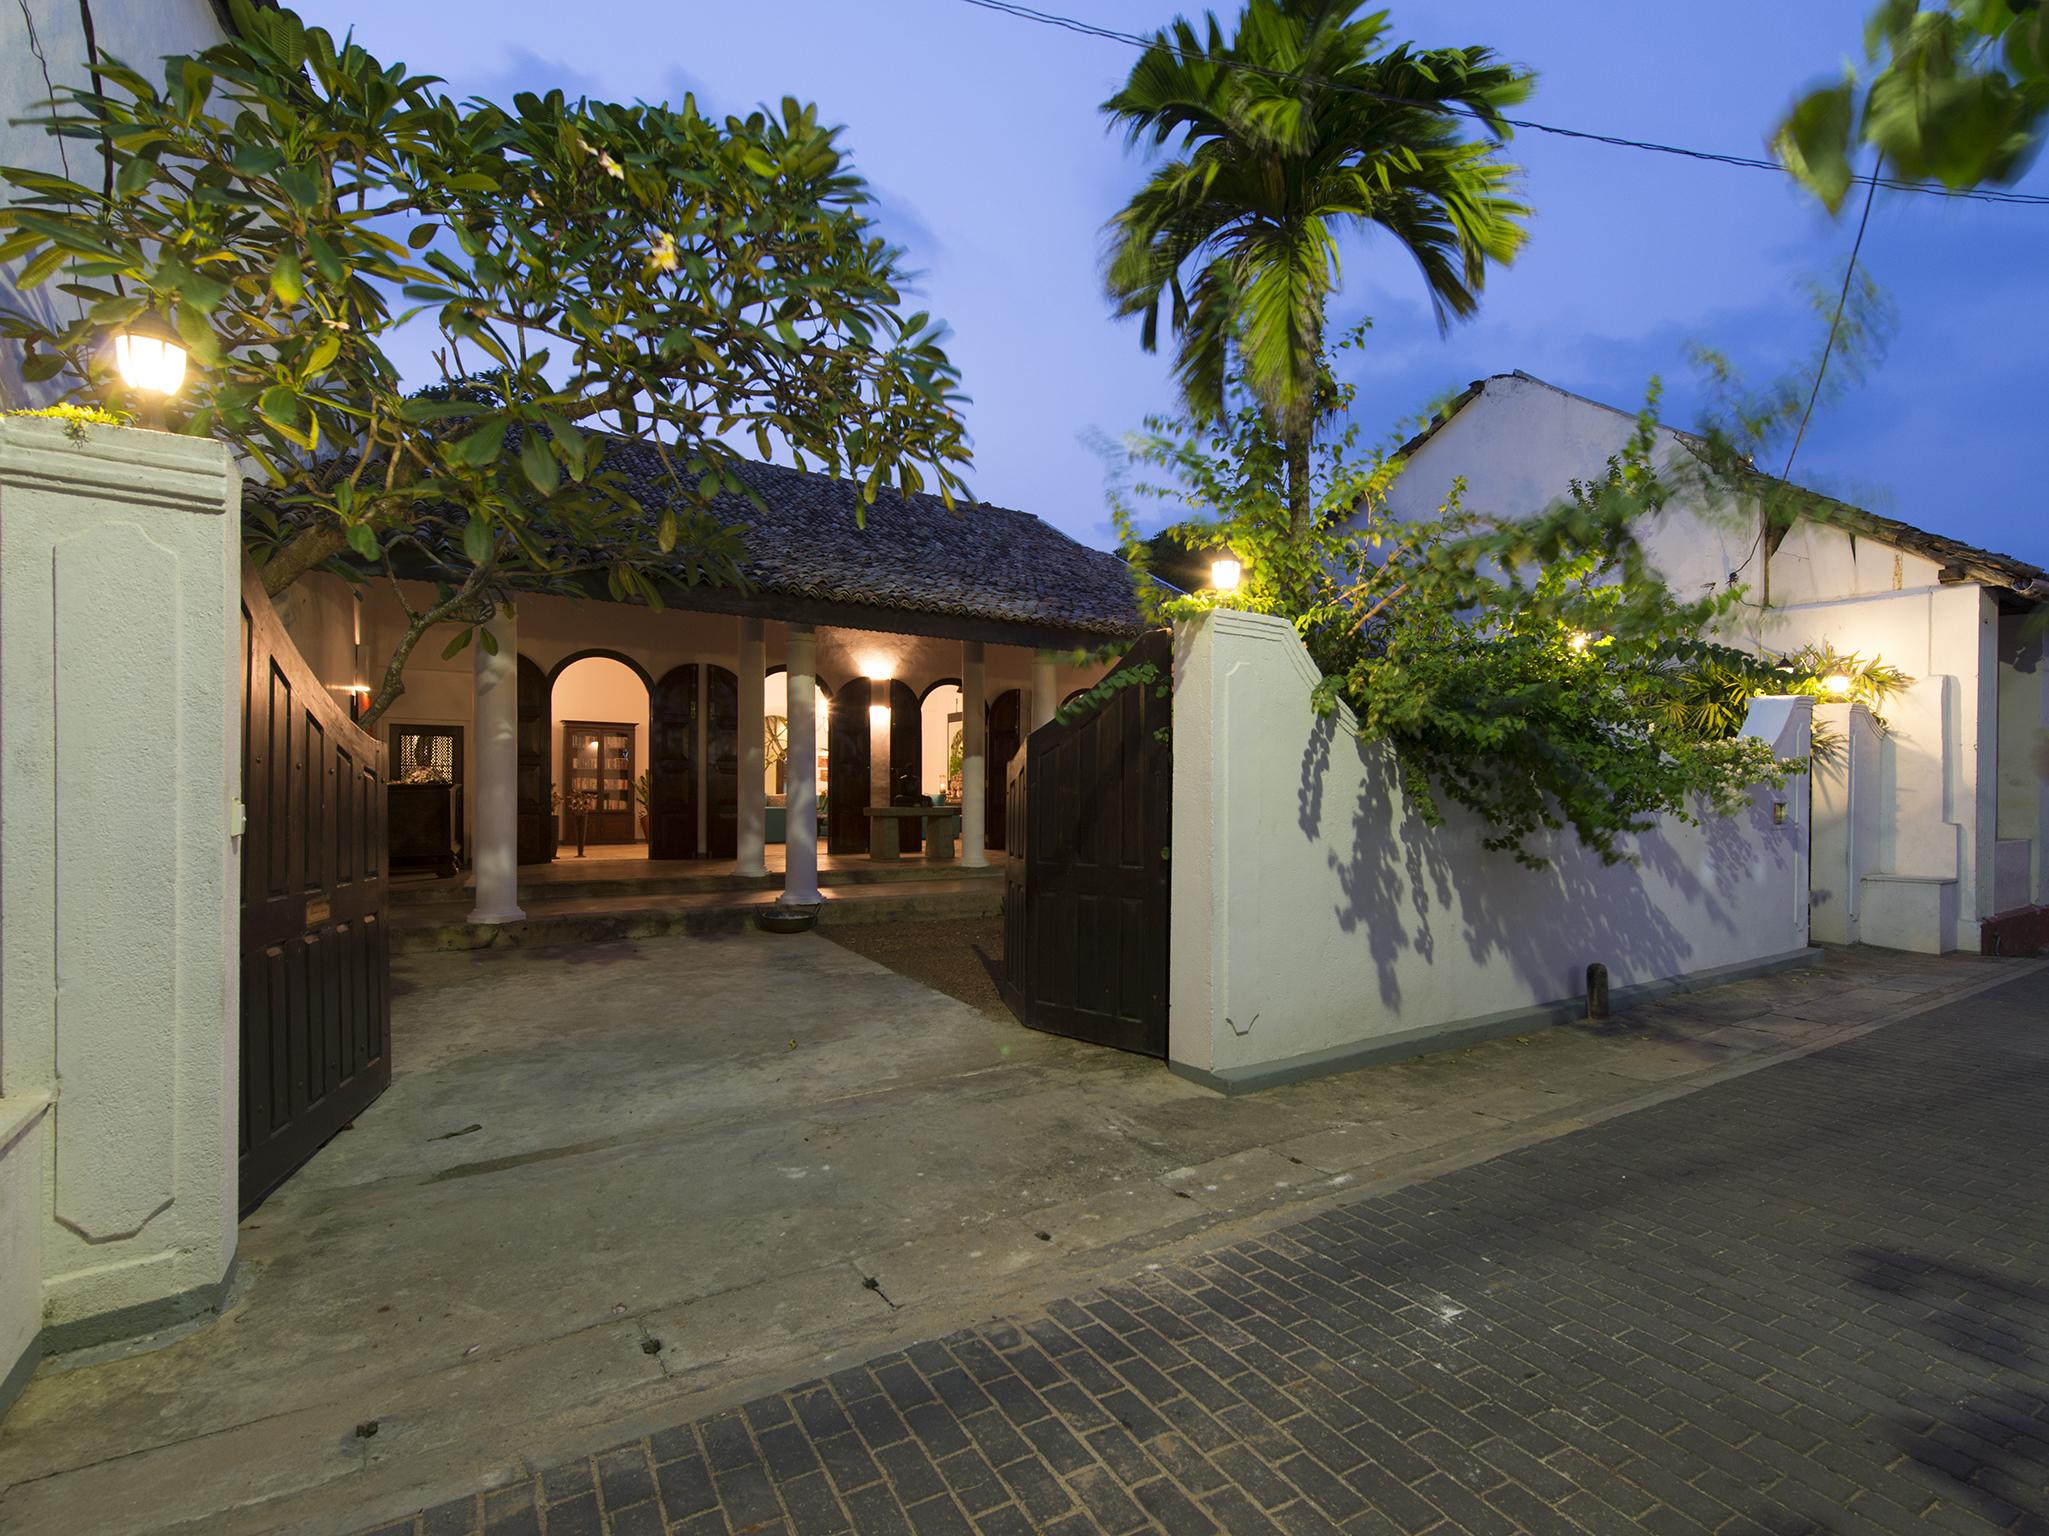 01-Ambassadors House - Entrance at night.jpg